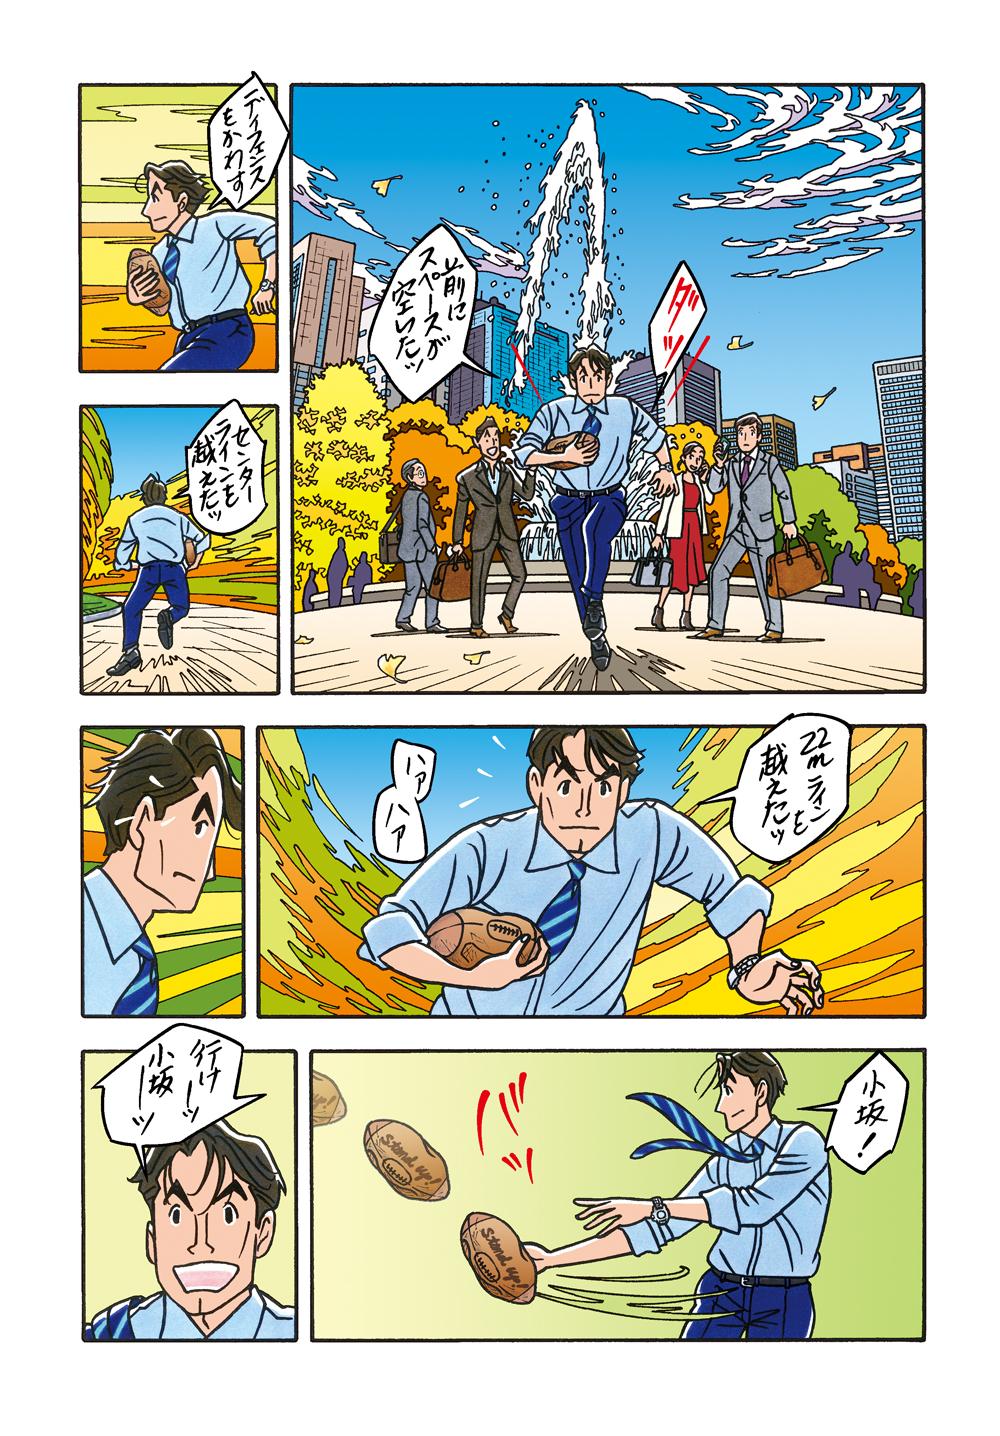 ワンダーカクテル 【第19話 stand up!】7ページ目画像